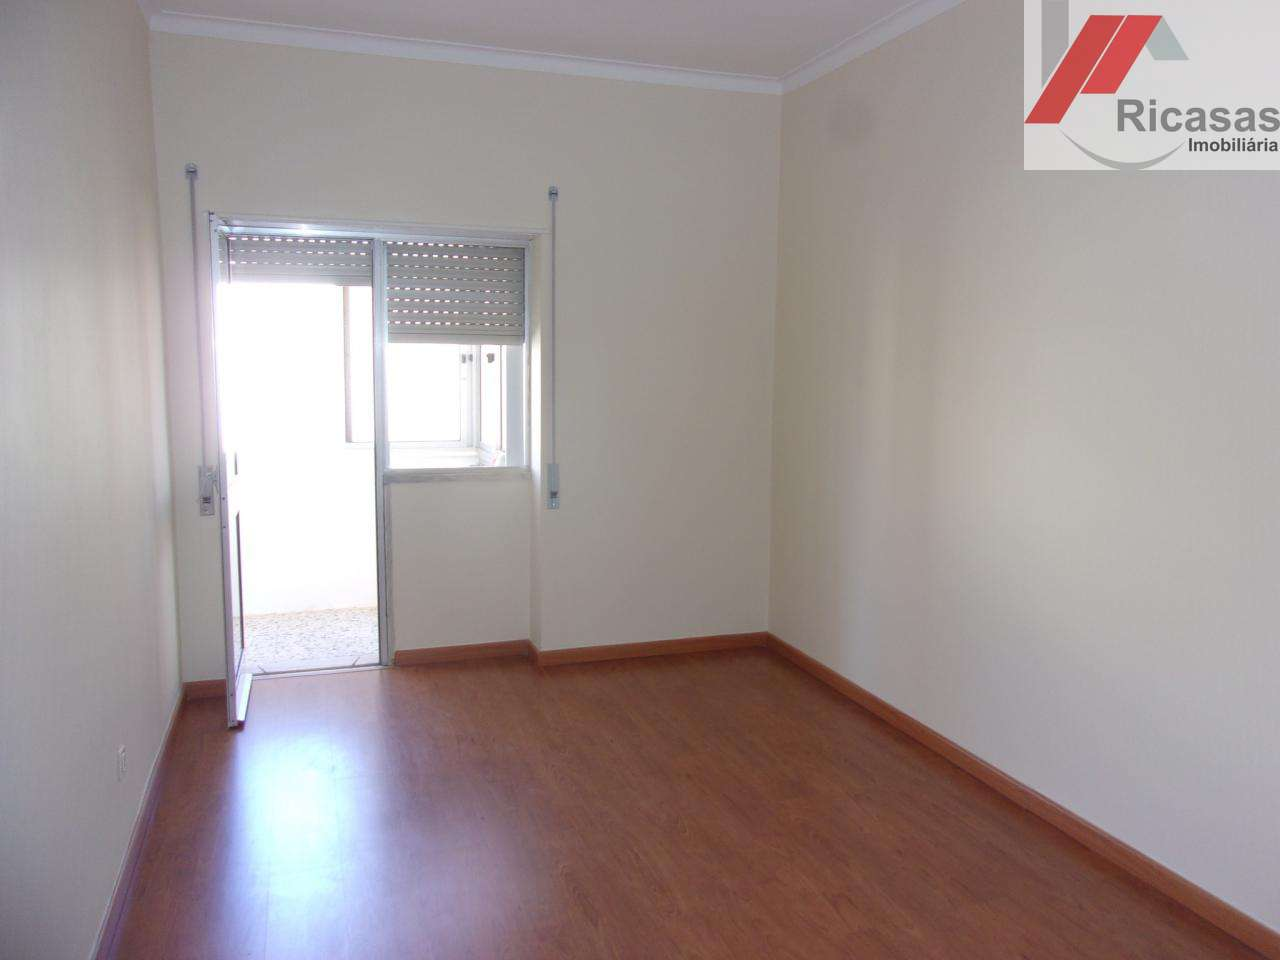 Apartamento para comprar, Seixal, Arrentela e Aldeia de Paio Pires, Setúbal - Foto 24